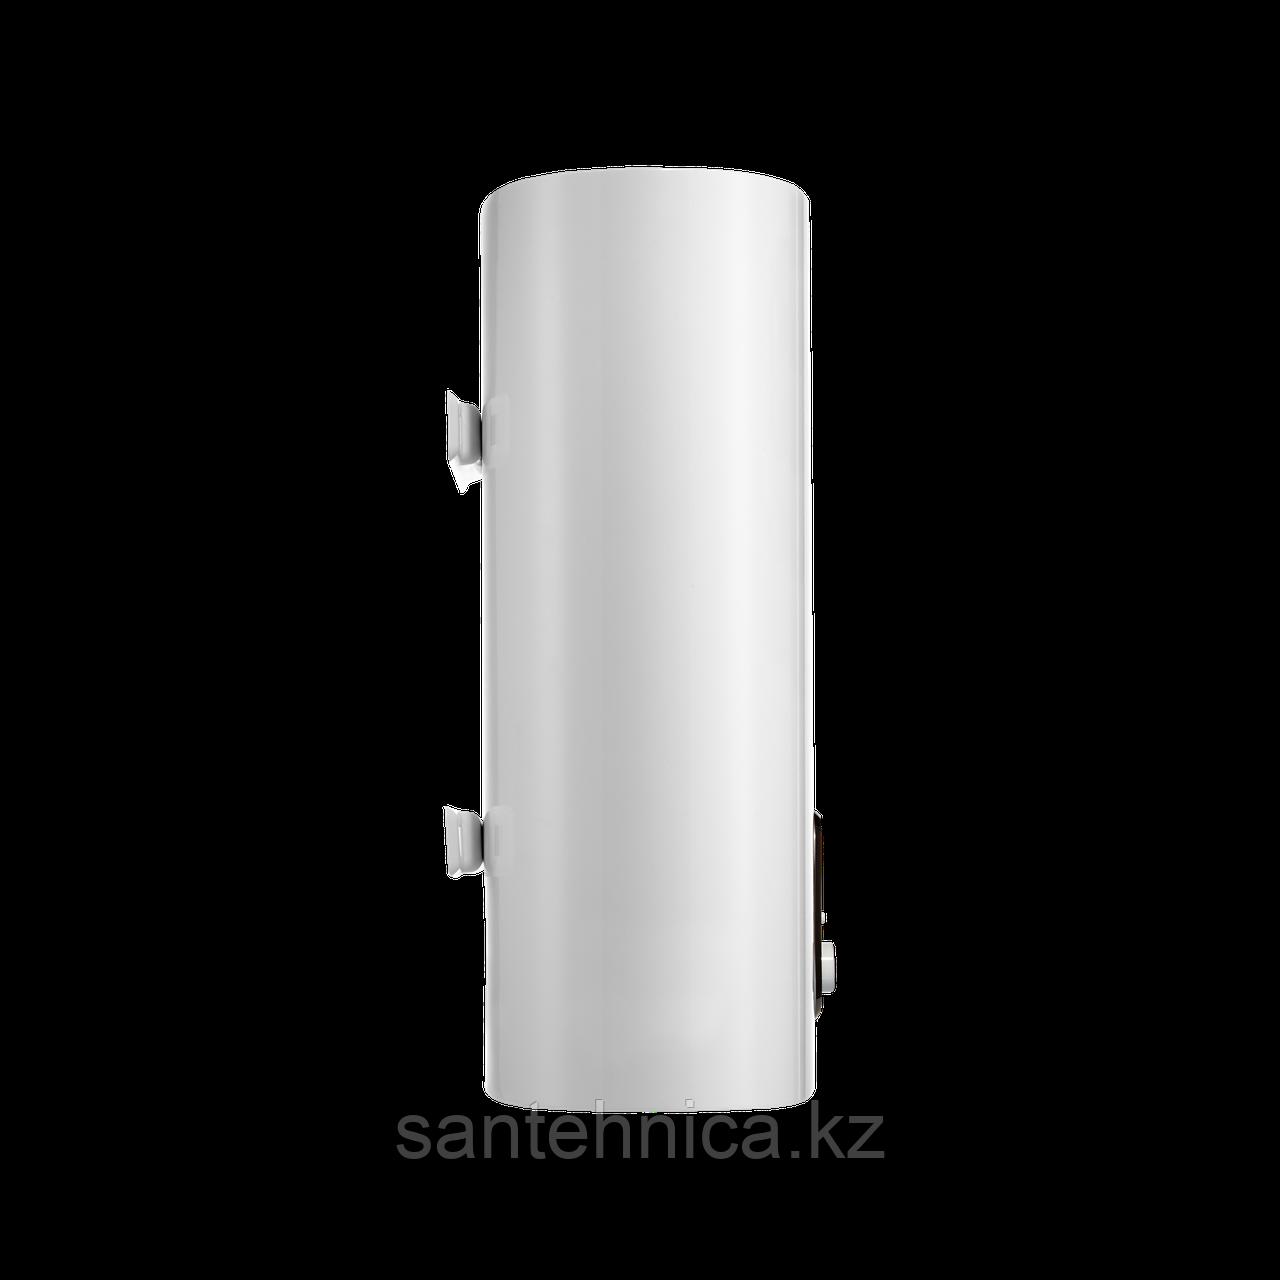 Электрический водонагреватель Electrolux EWH 30 Gladius 2.0 СУХИЕ ТЕНЫ - фото 2